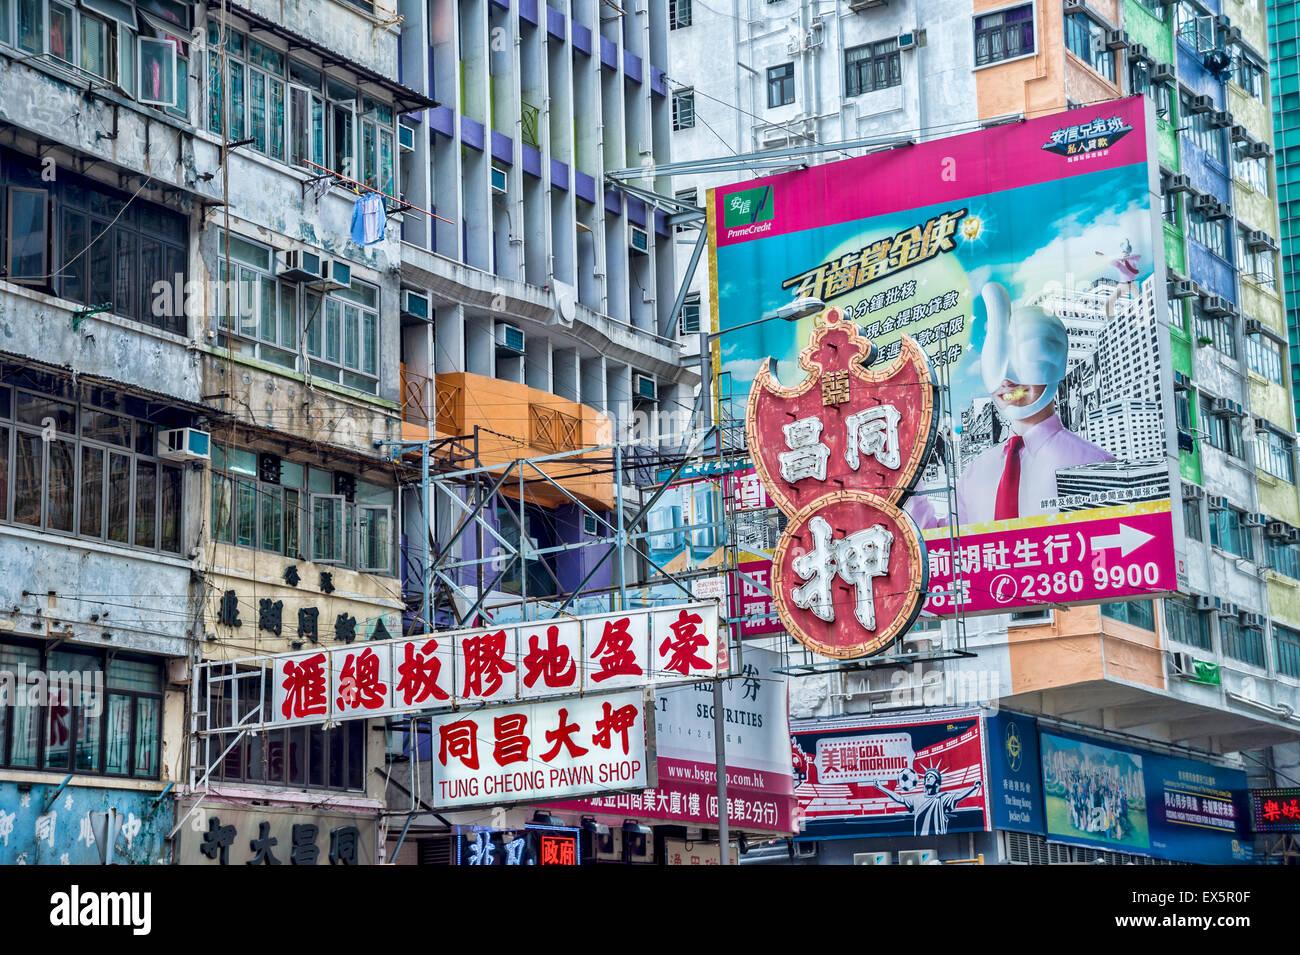 Advertisements in the streets of Hong Kong, at Mong Kok, Kowloon - Stock Image